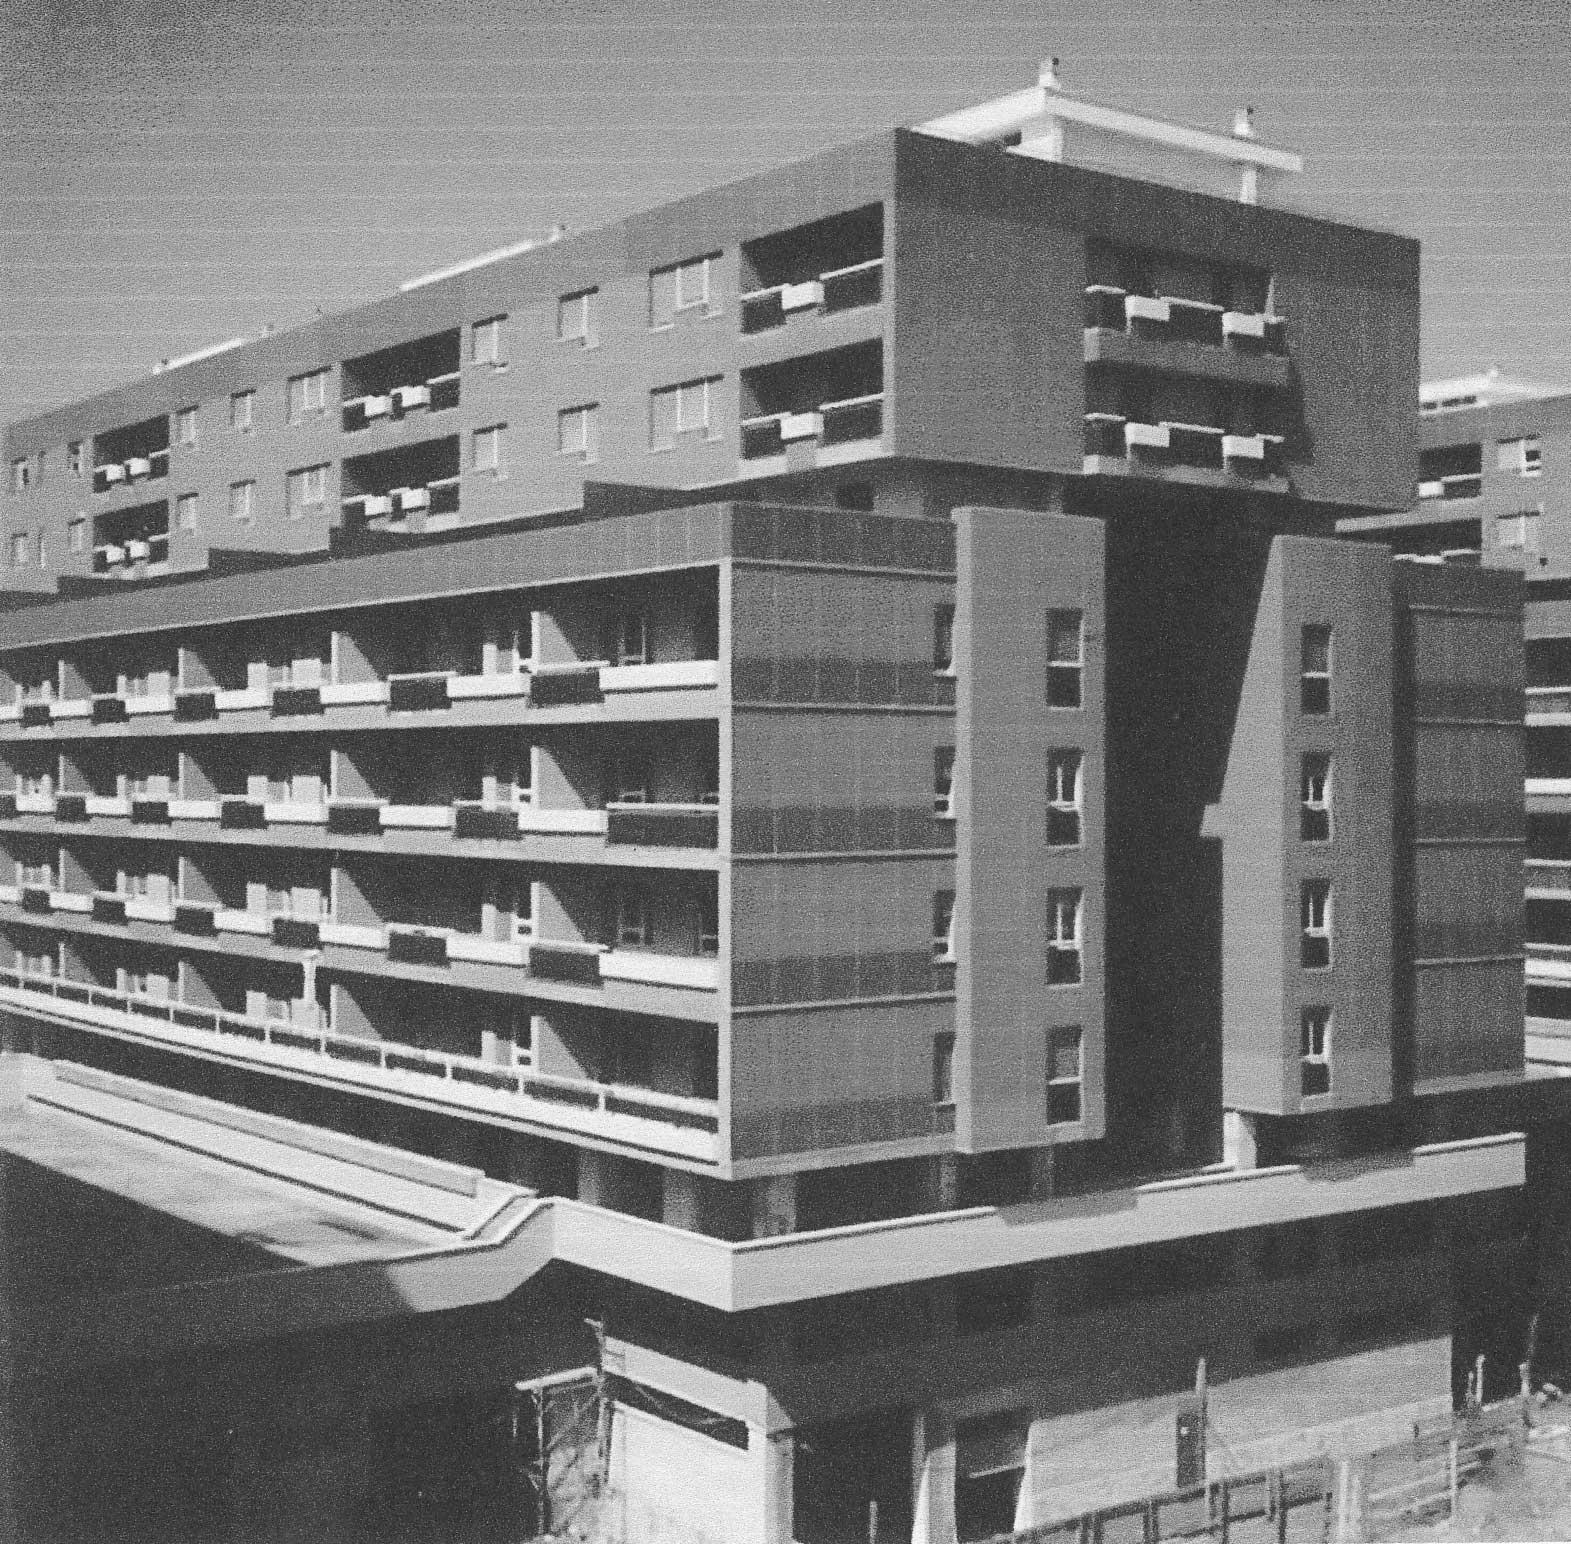 10 - Complesso residenziale di 312 alloggi a Pomezia (RM), per Imp. Lenzini - Vista esterna